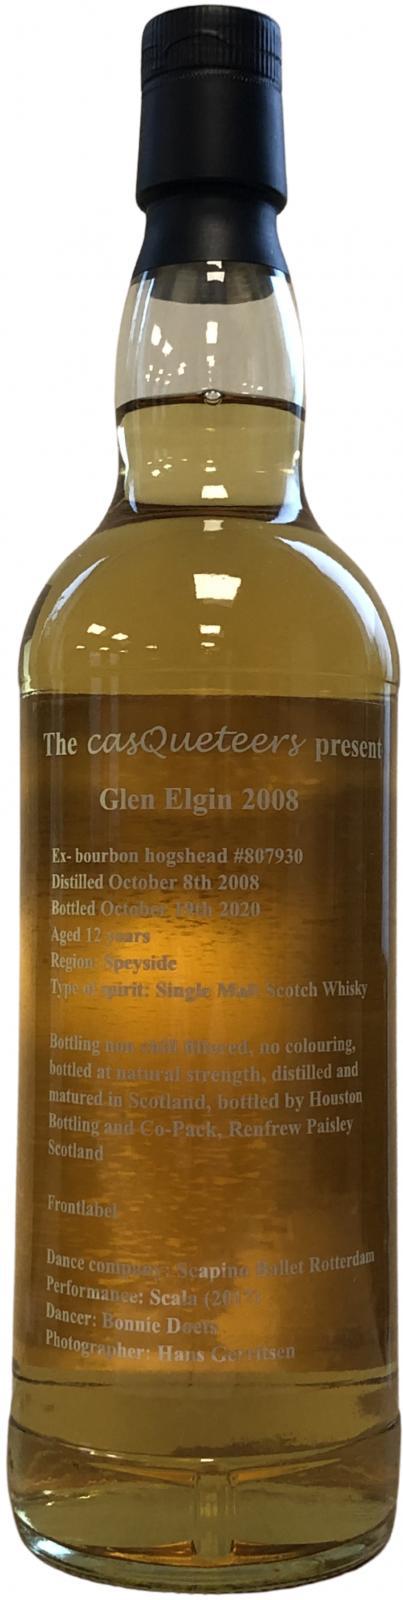 Glen Elgin 2008 cQs